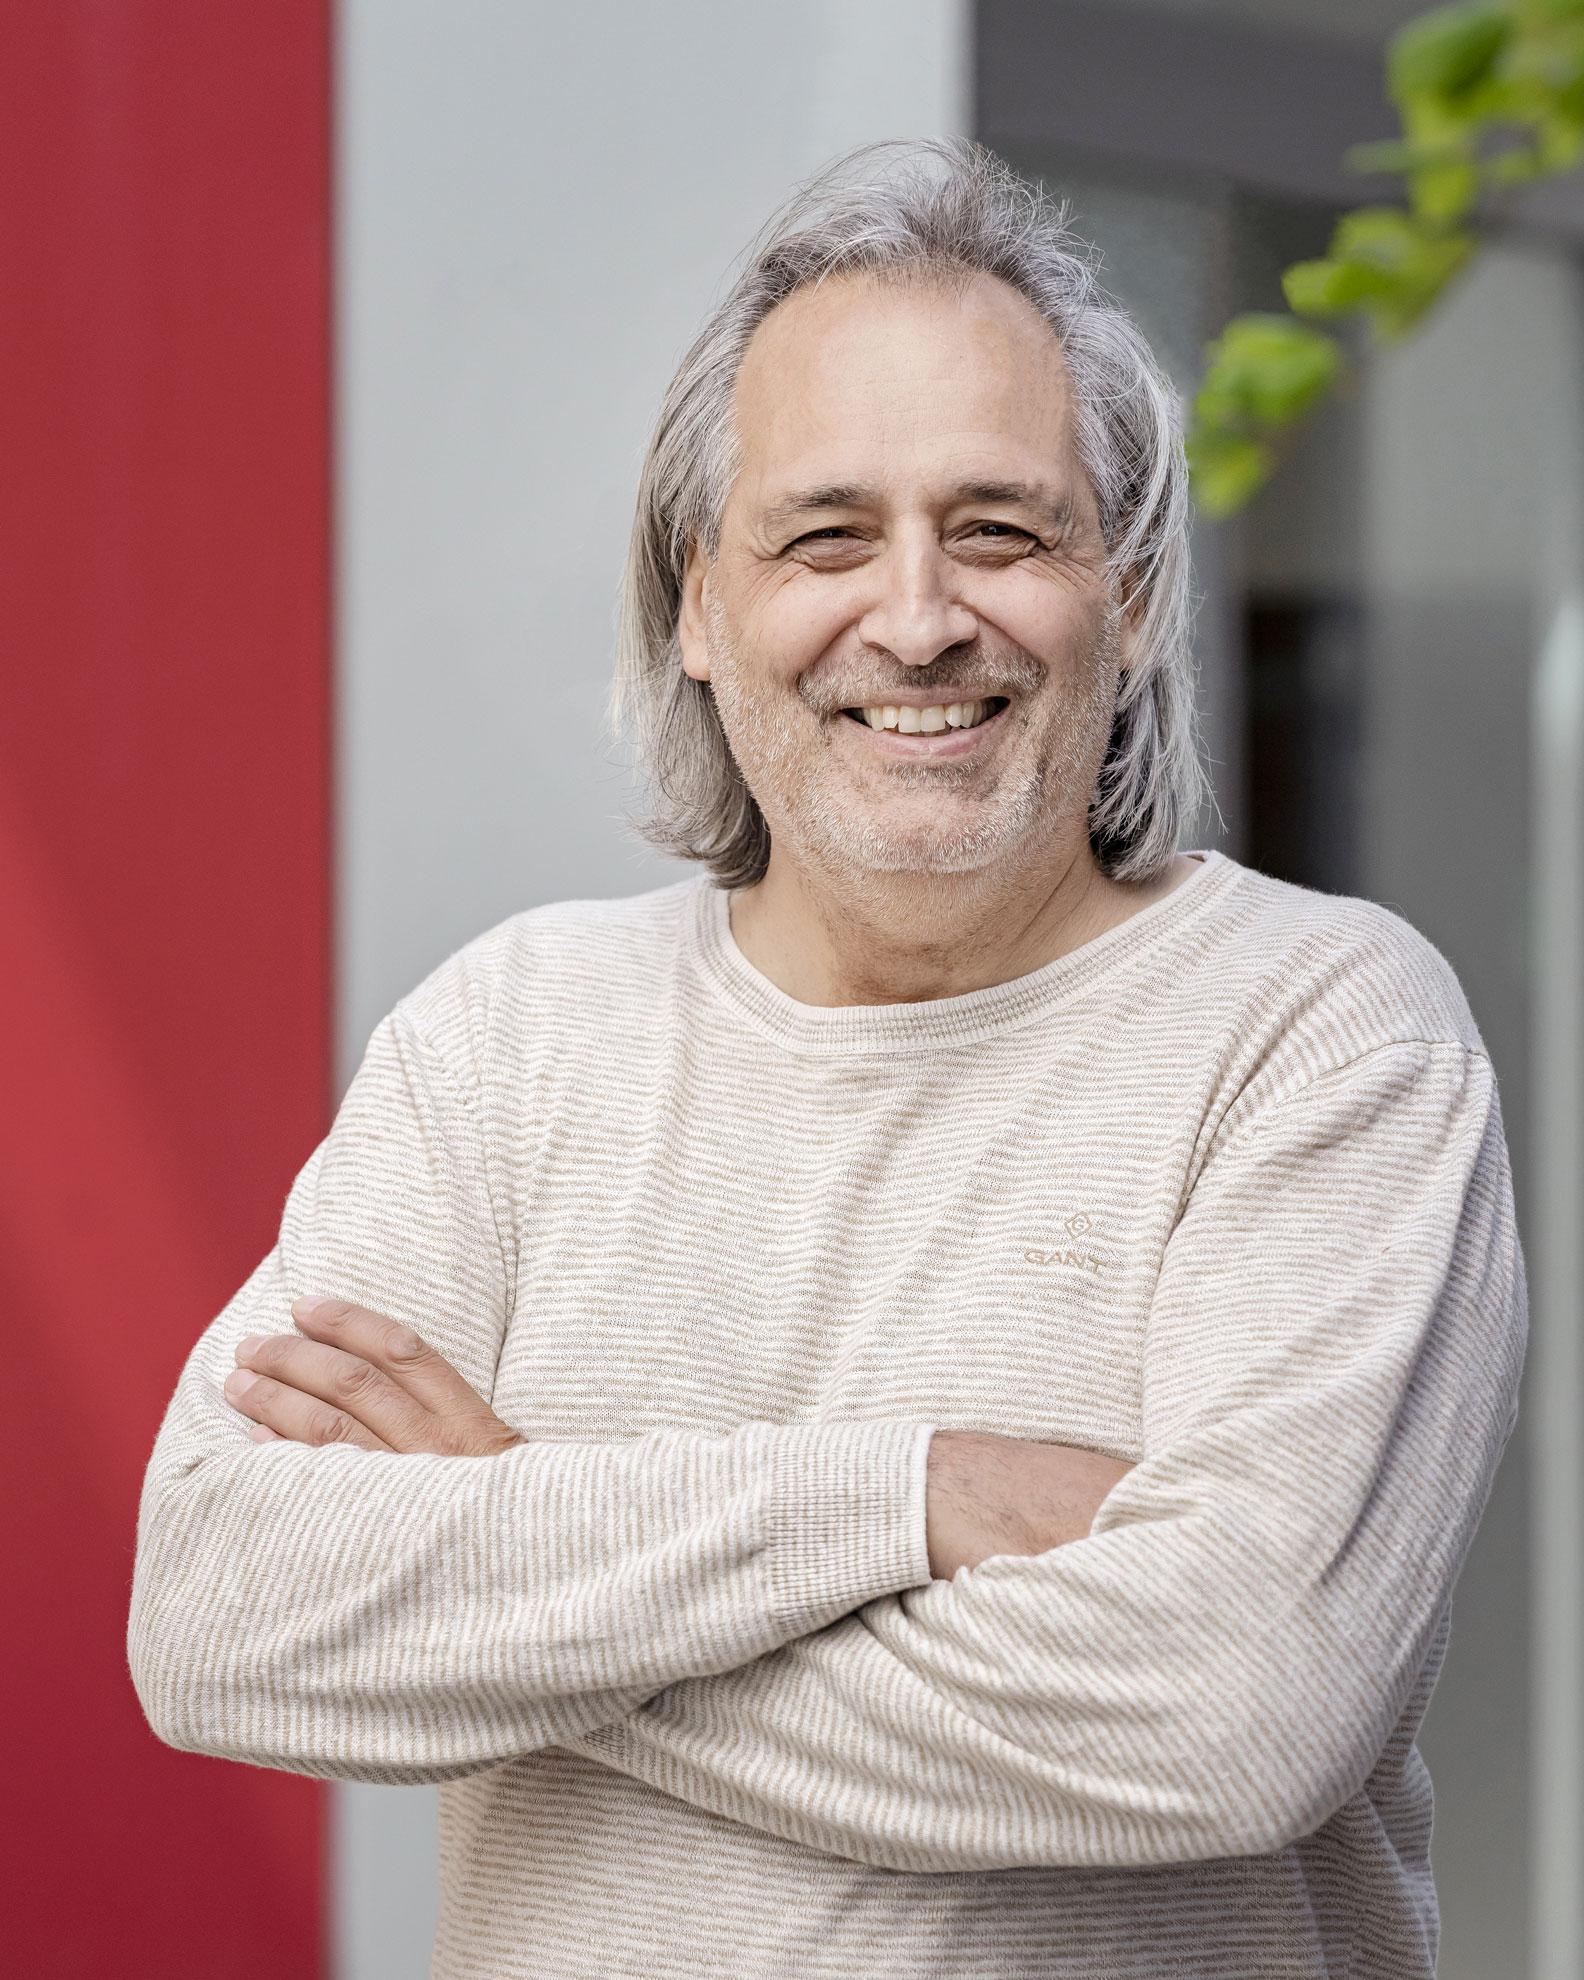 Antoine Estrugo propriétaire de la société 3D Swiss View à Martigny et Romanel-sur-Lausanne